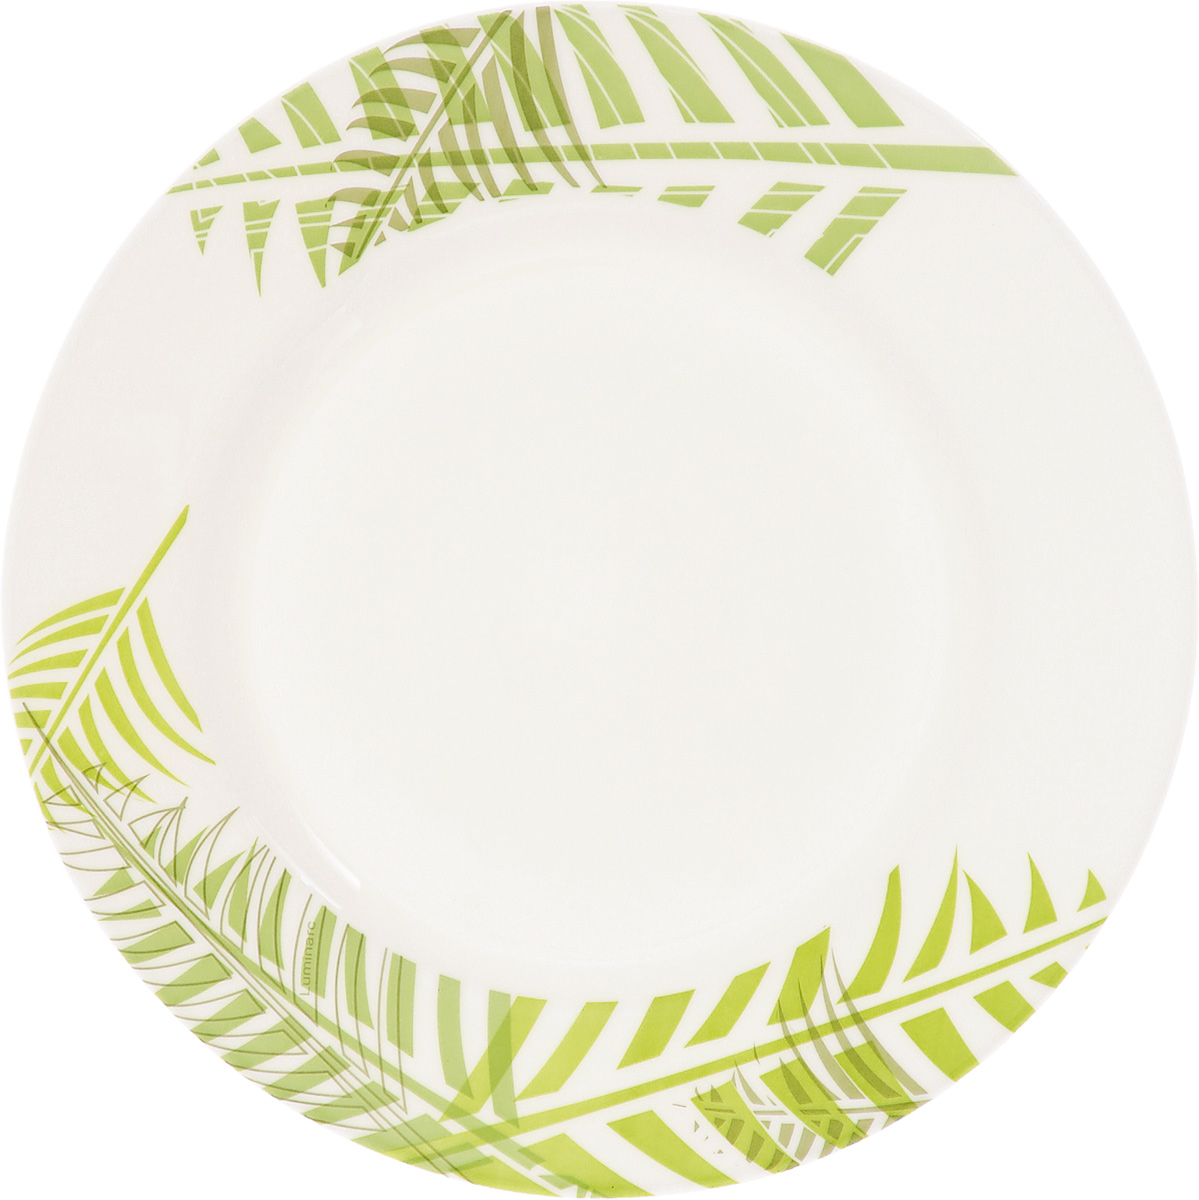 Тарелка десертная Luminarc Green Forest, диаметр 19 смH8449Десертная тарелка Luminarc Green Forest, изготовленная из ударопрочного стекла, имеет изысканный внешний вид. Такая тарелка прекрасно подходит как для торжественных случаев, так и для повседневного использования. Идеальна для подачи десертов, пирожных, тортов и многого другого. Она прекрасно оформит стол и станет отличным дополнением к вашей коллекции кухонной посуды. Диаметр тарелки (по верхнему краю): 19 см. Высота тарелки: 1,5 см.